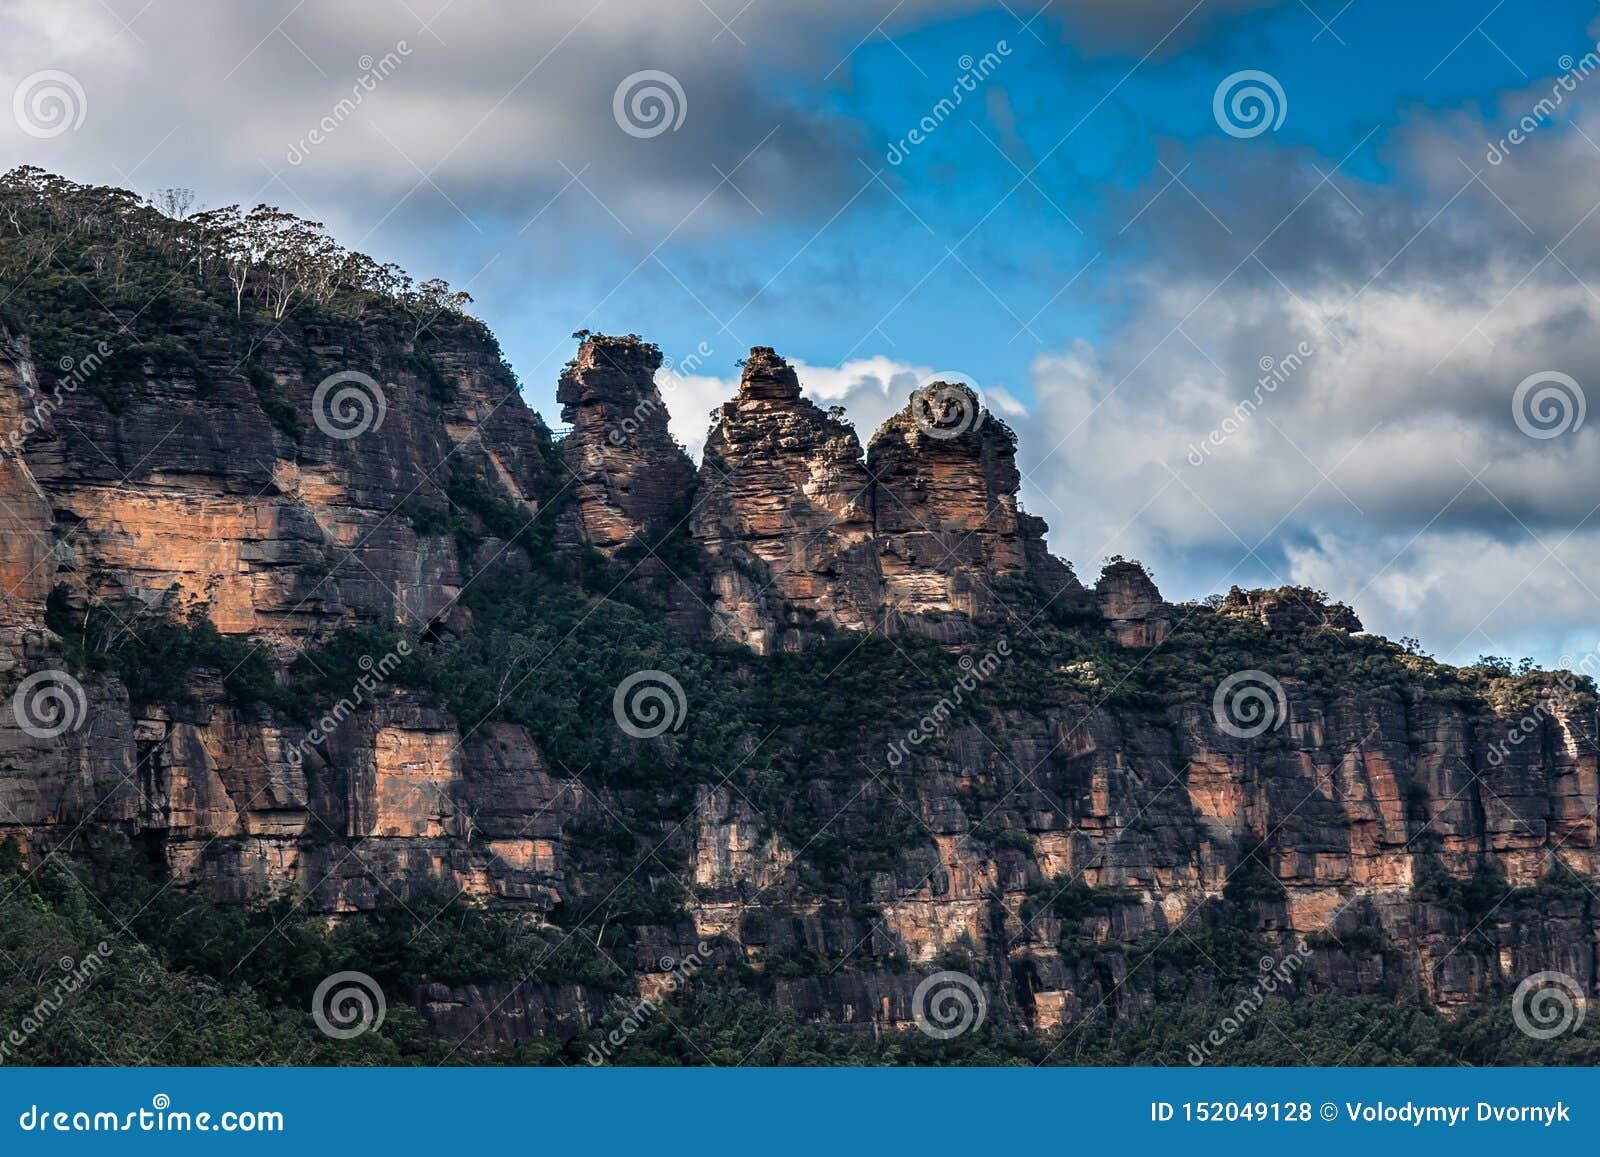 La formation de roche de trois soeurs en parc national de montagnes bleues, NSW, Australie